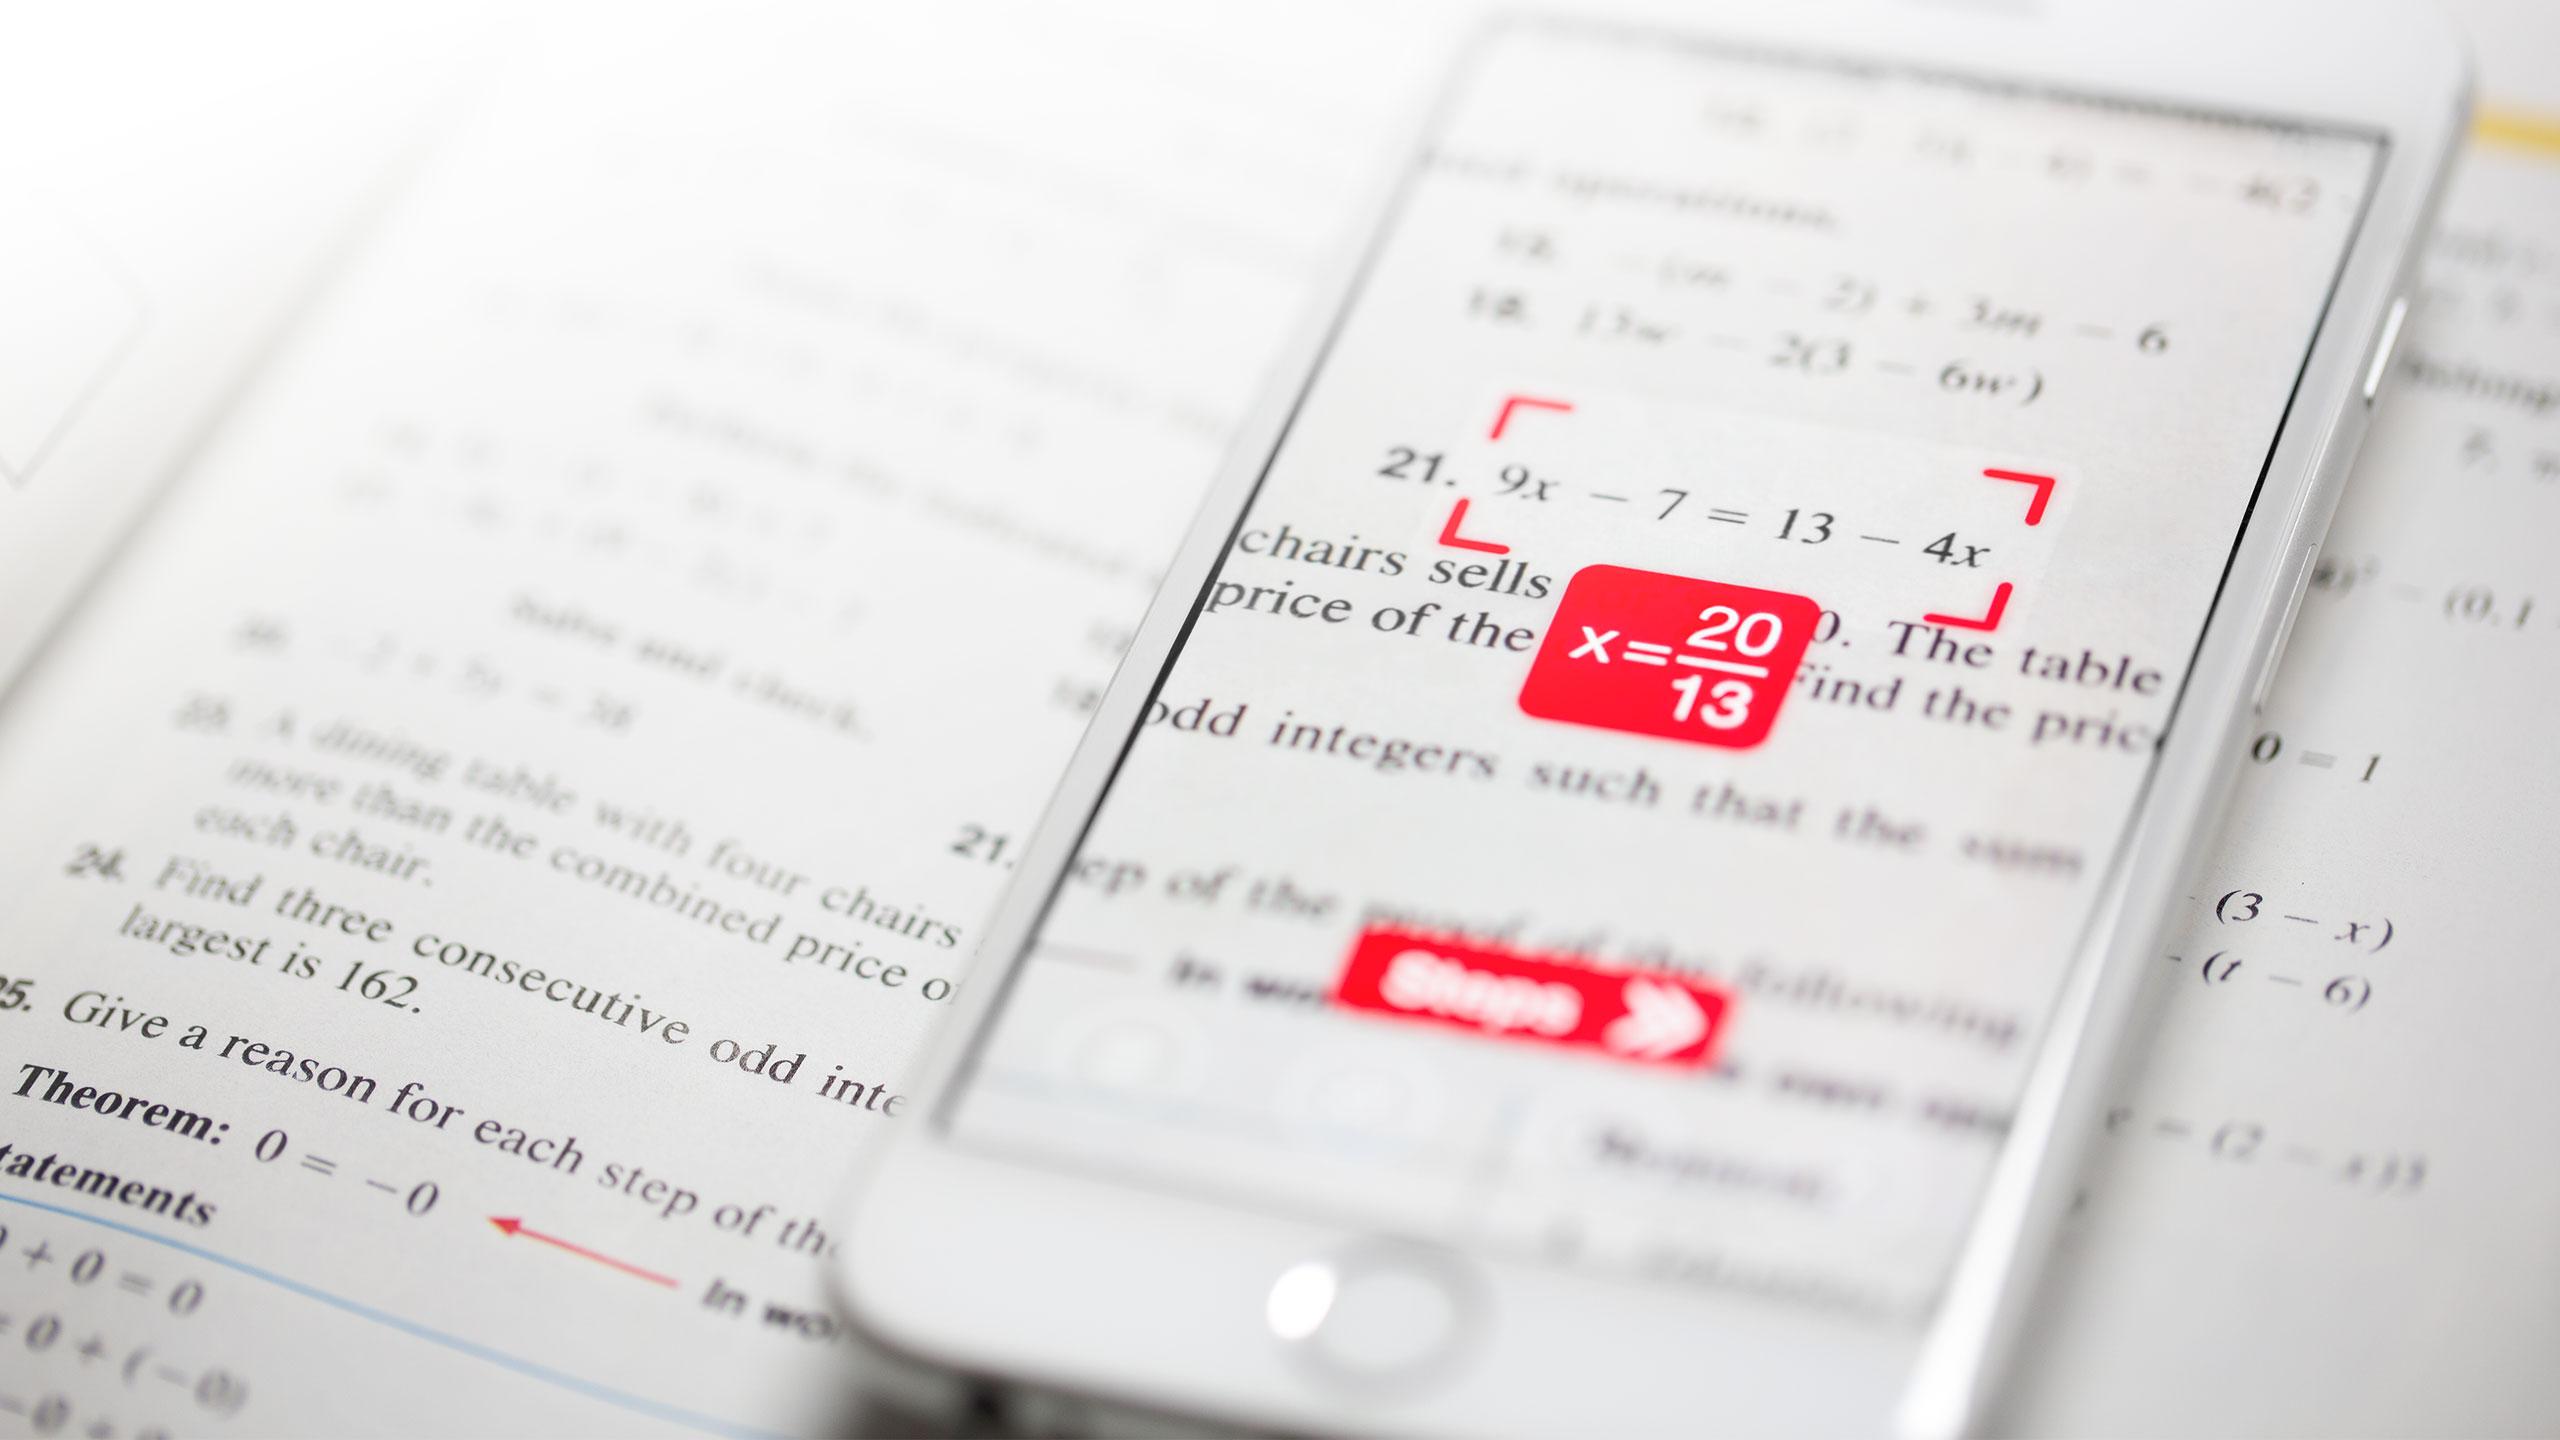 PhotoMath porta la sua impressionante app per la risoluzione delle equazioni matematiche su Android